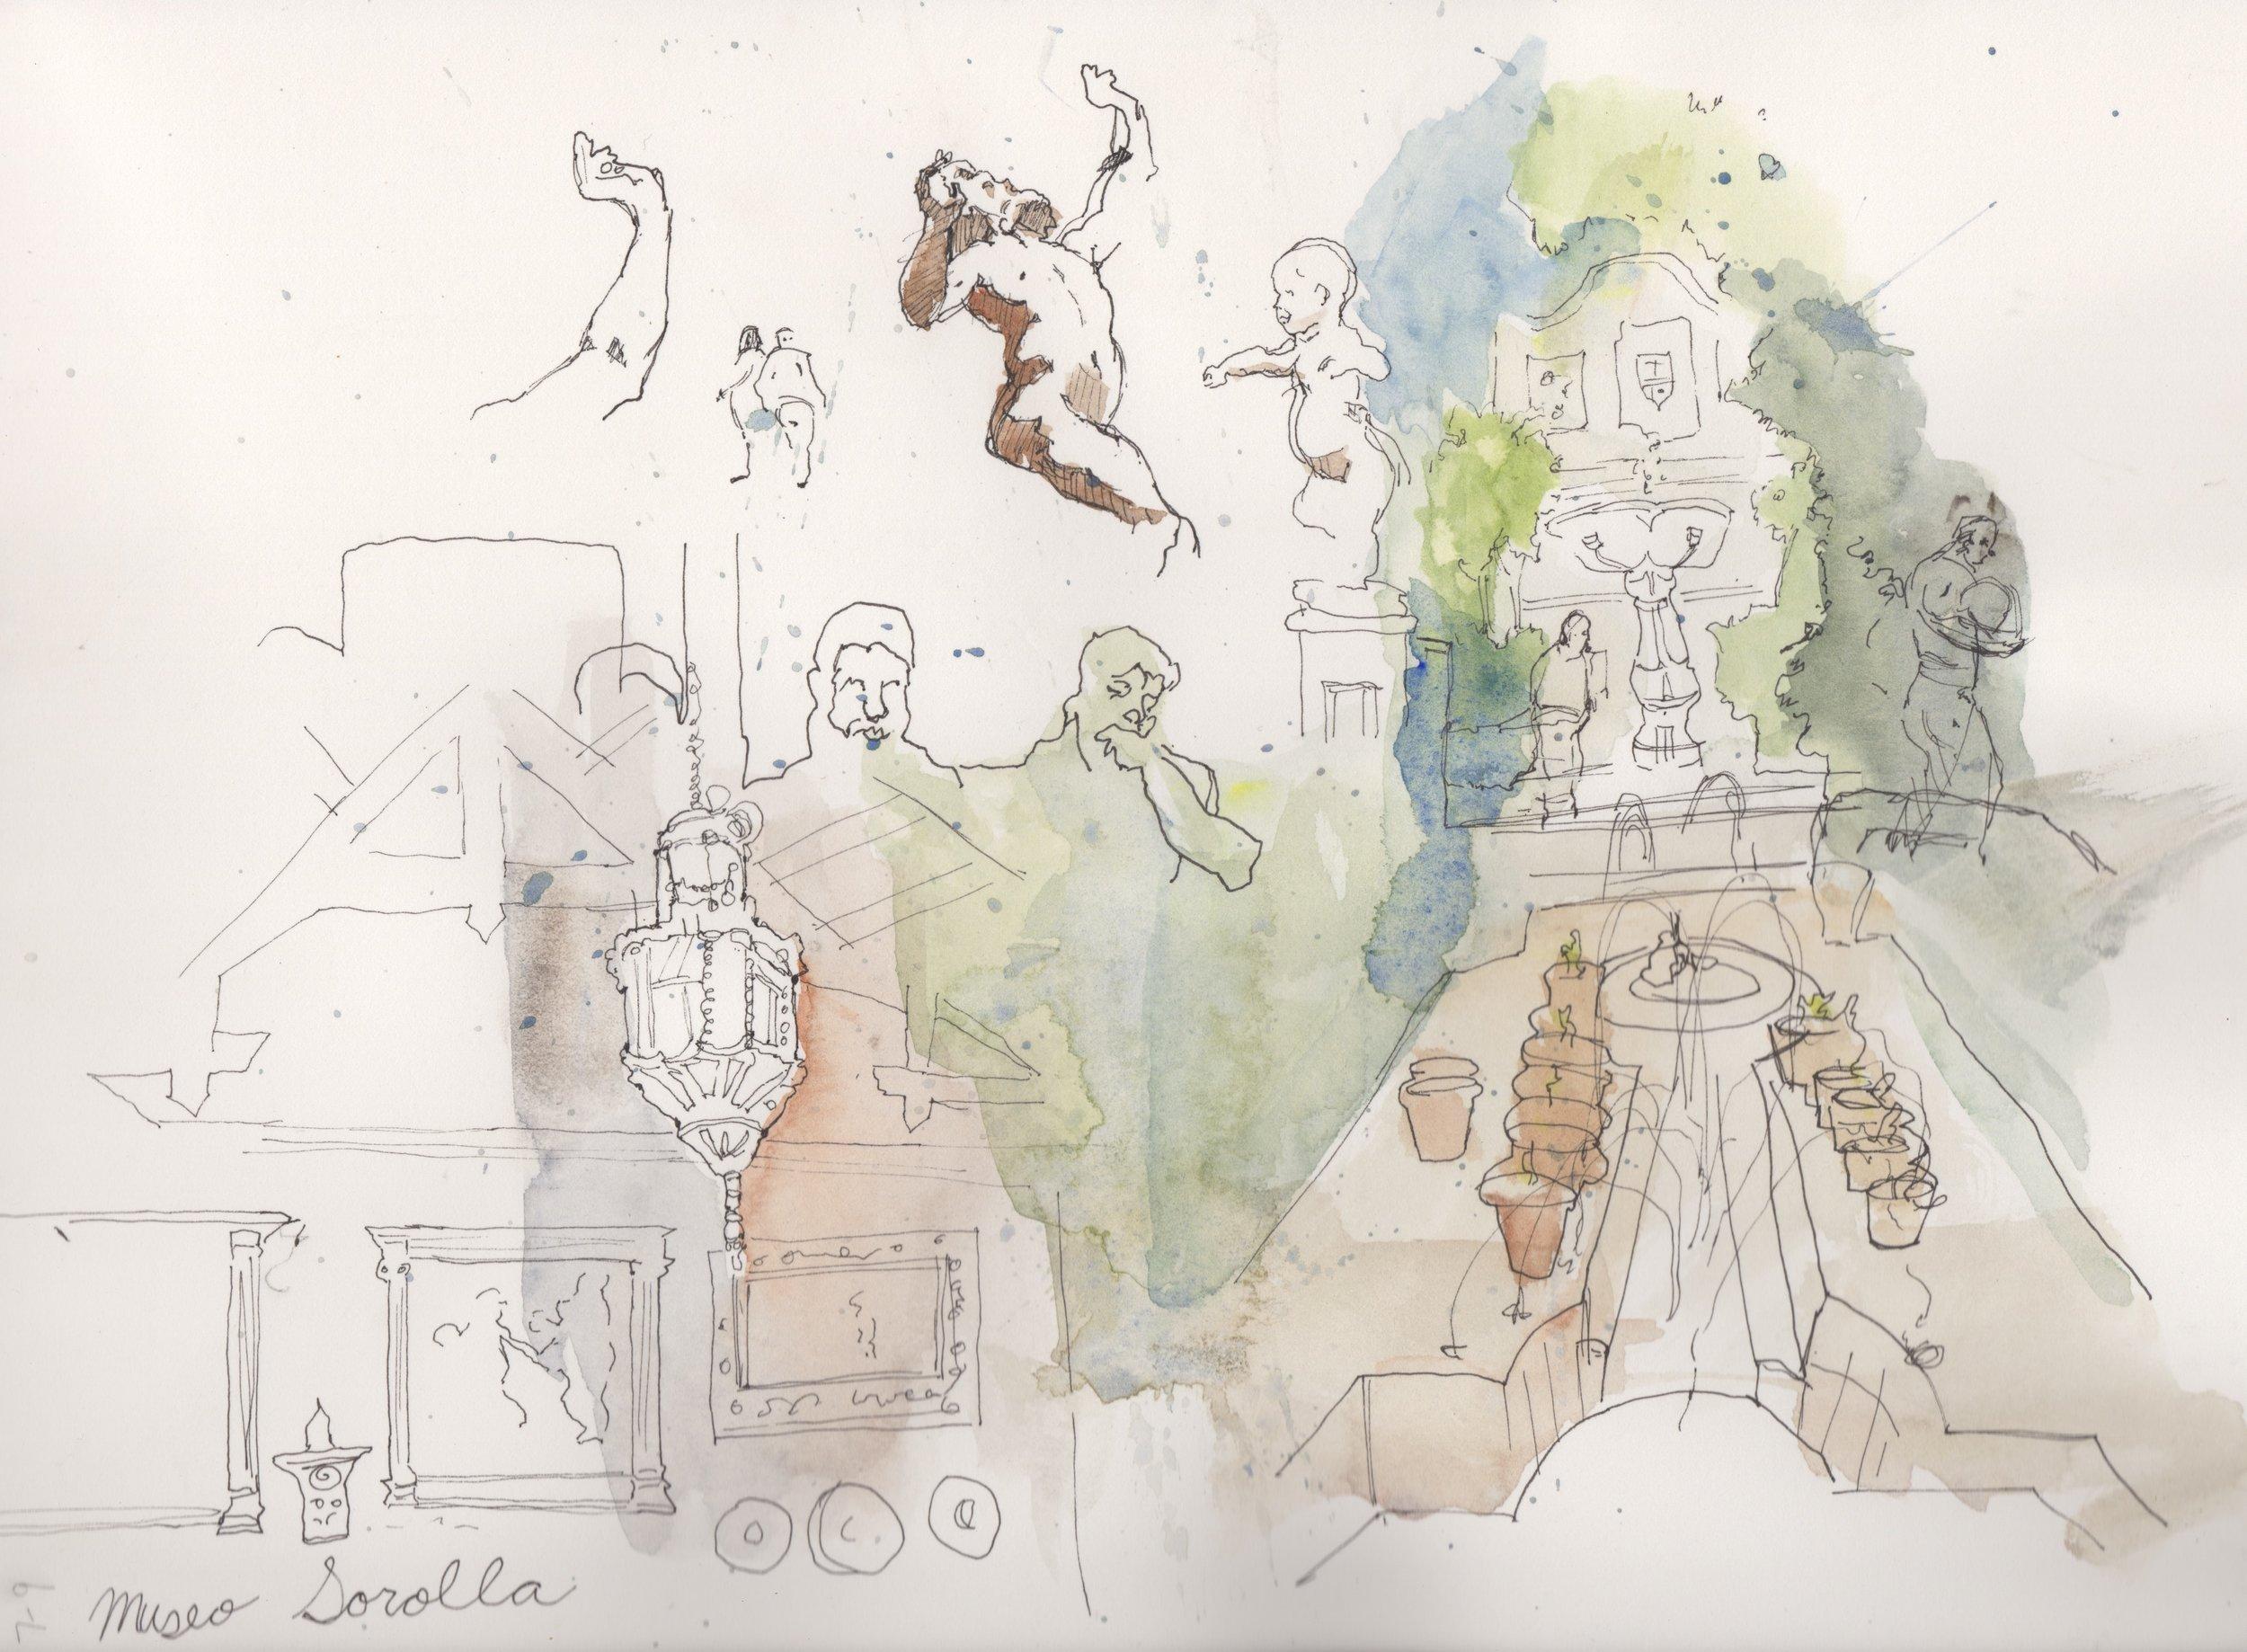 spain 2018 sketch 2 5.jpeg